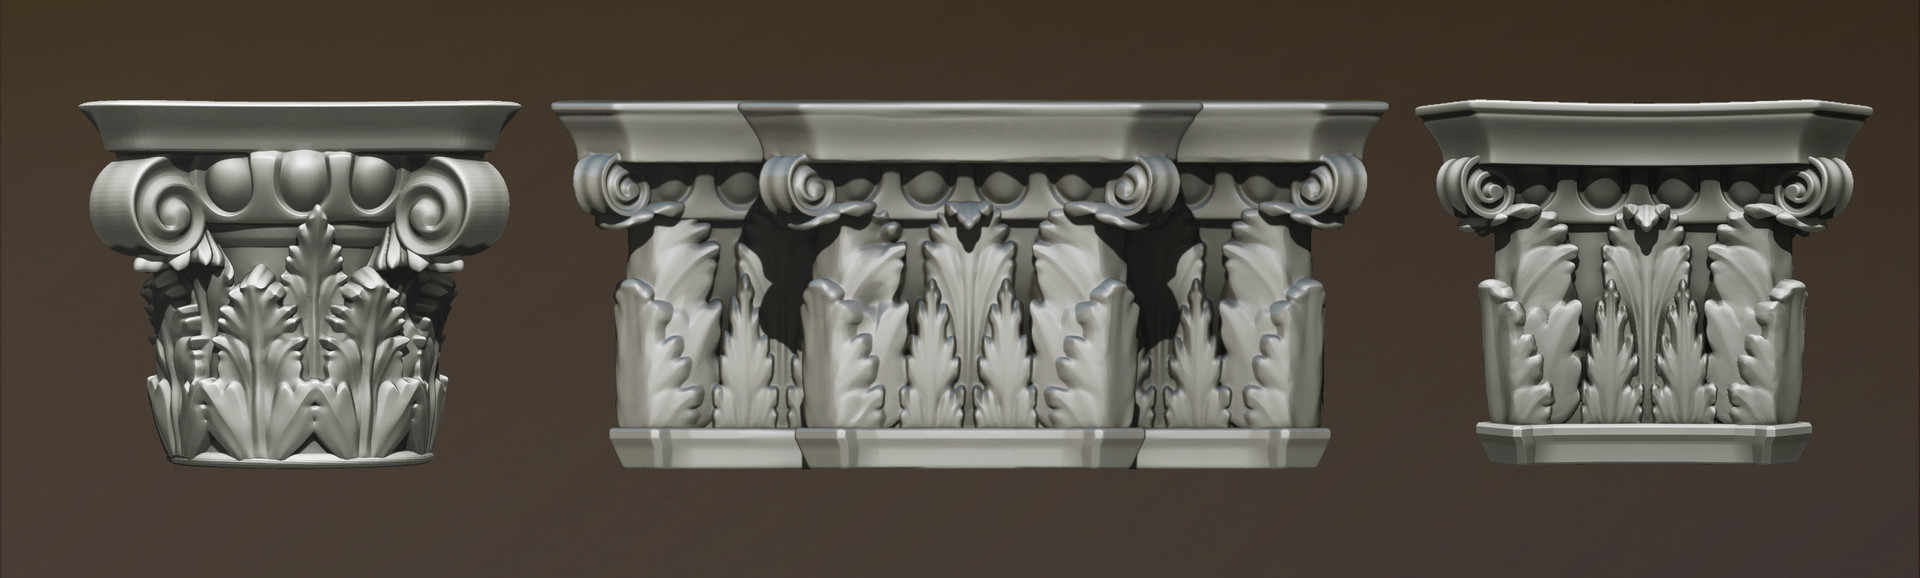 Matthias patscheider highpoly columns 02